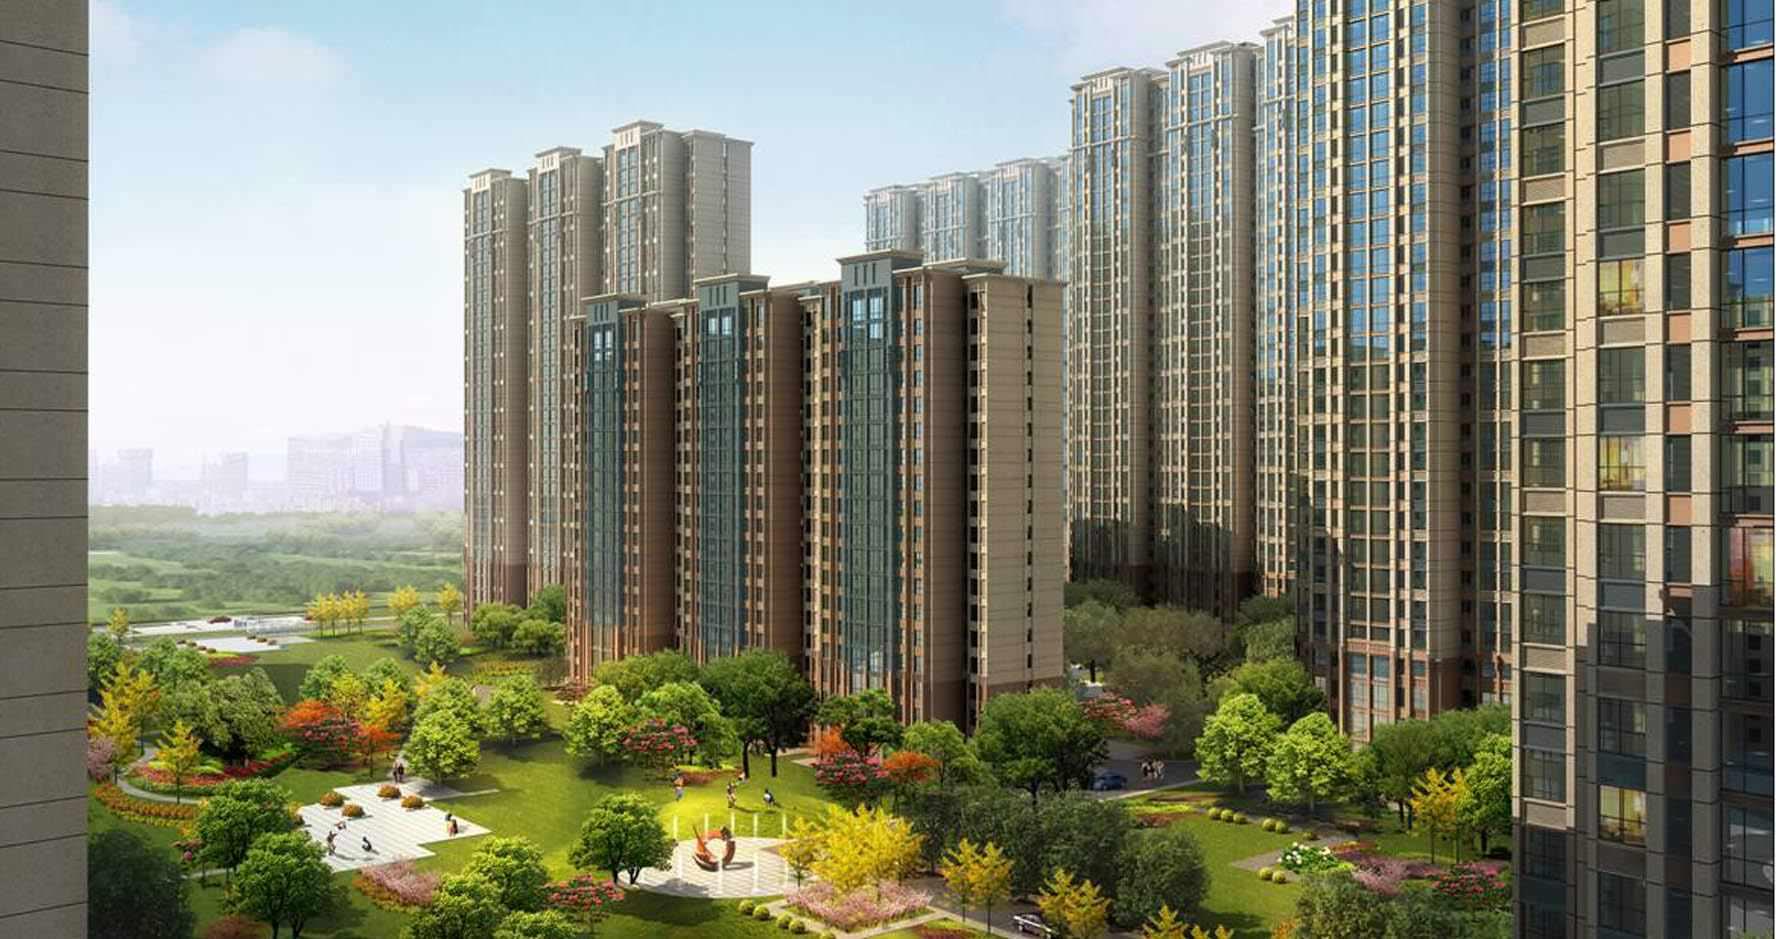 liaoningshengchaoyangshihuaxincheng